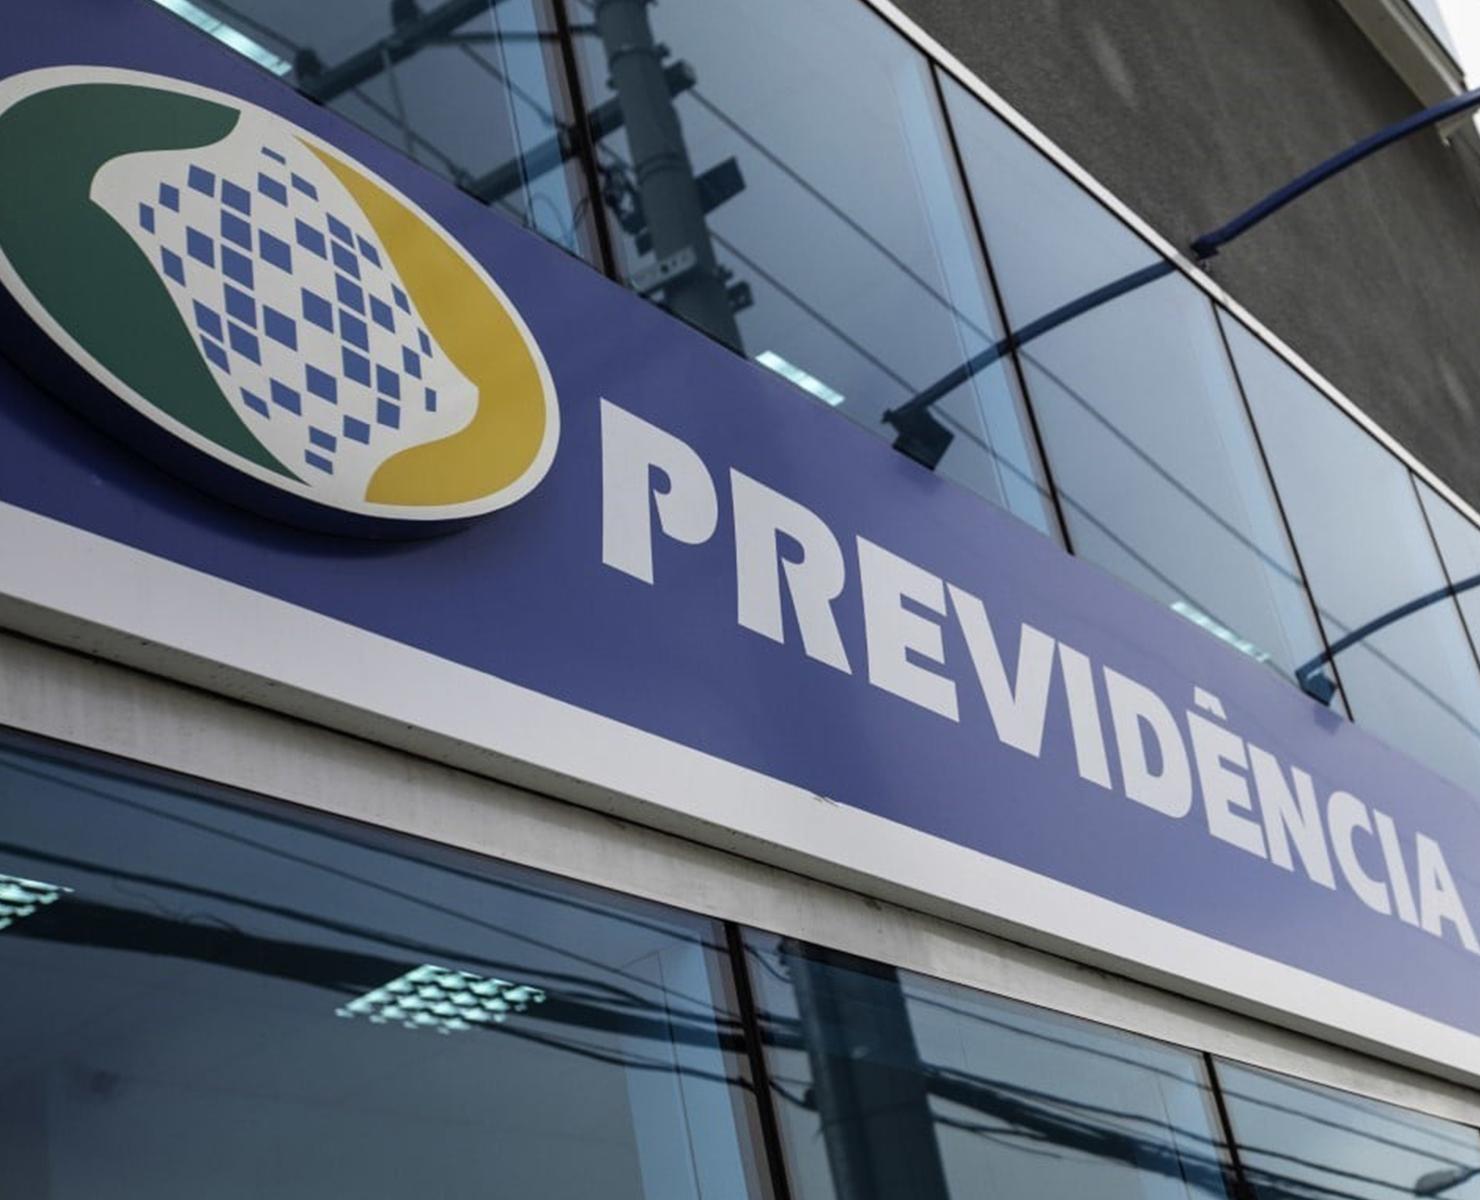 INSS: AGÊNCIAS SERÃO REABERTAS NO DIA 13 DE JULHO